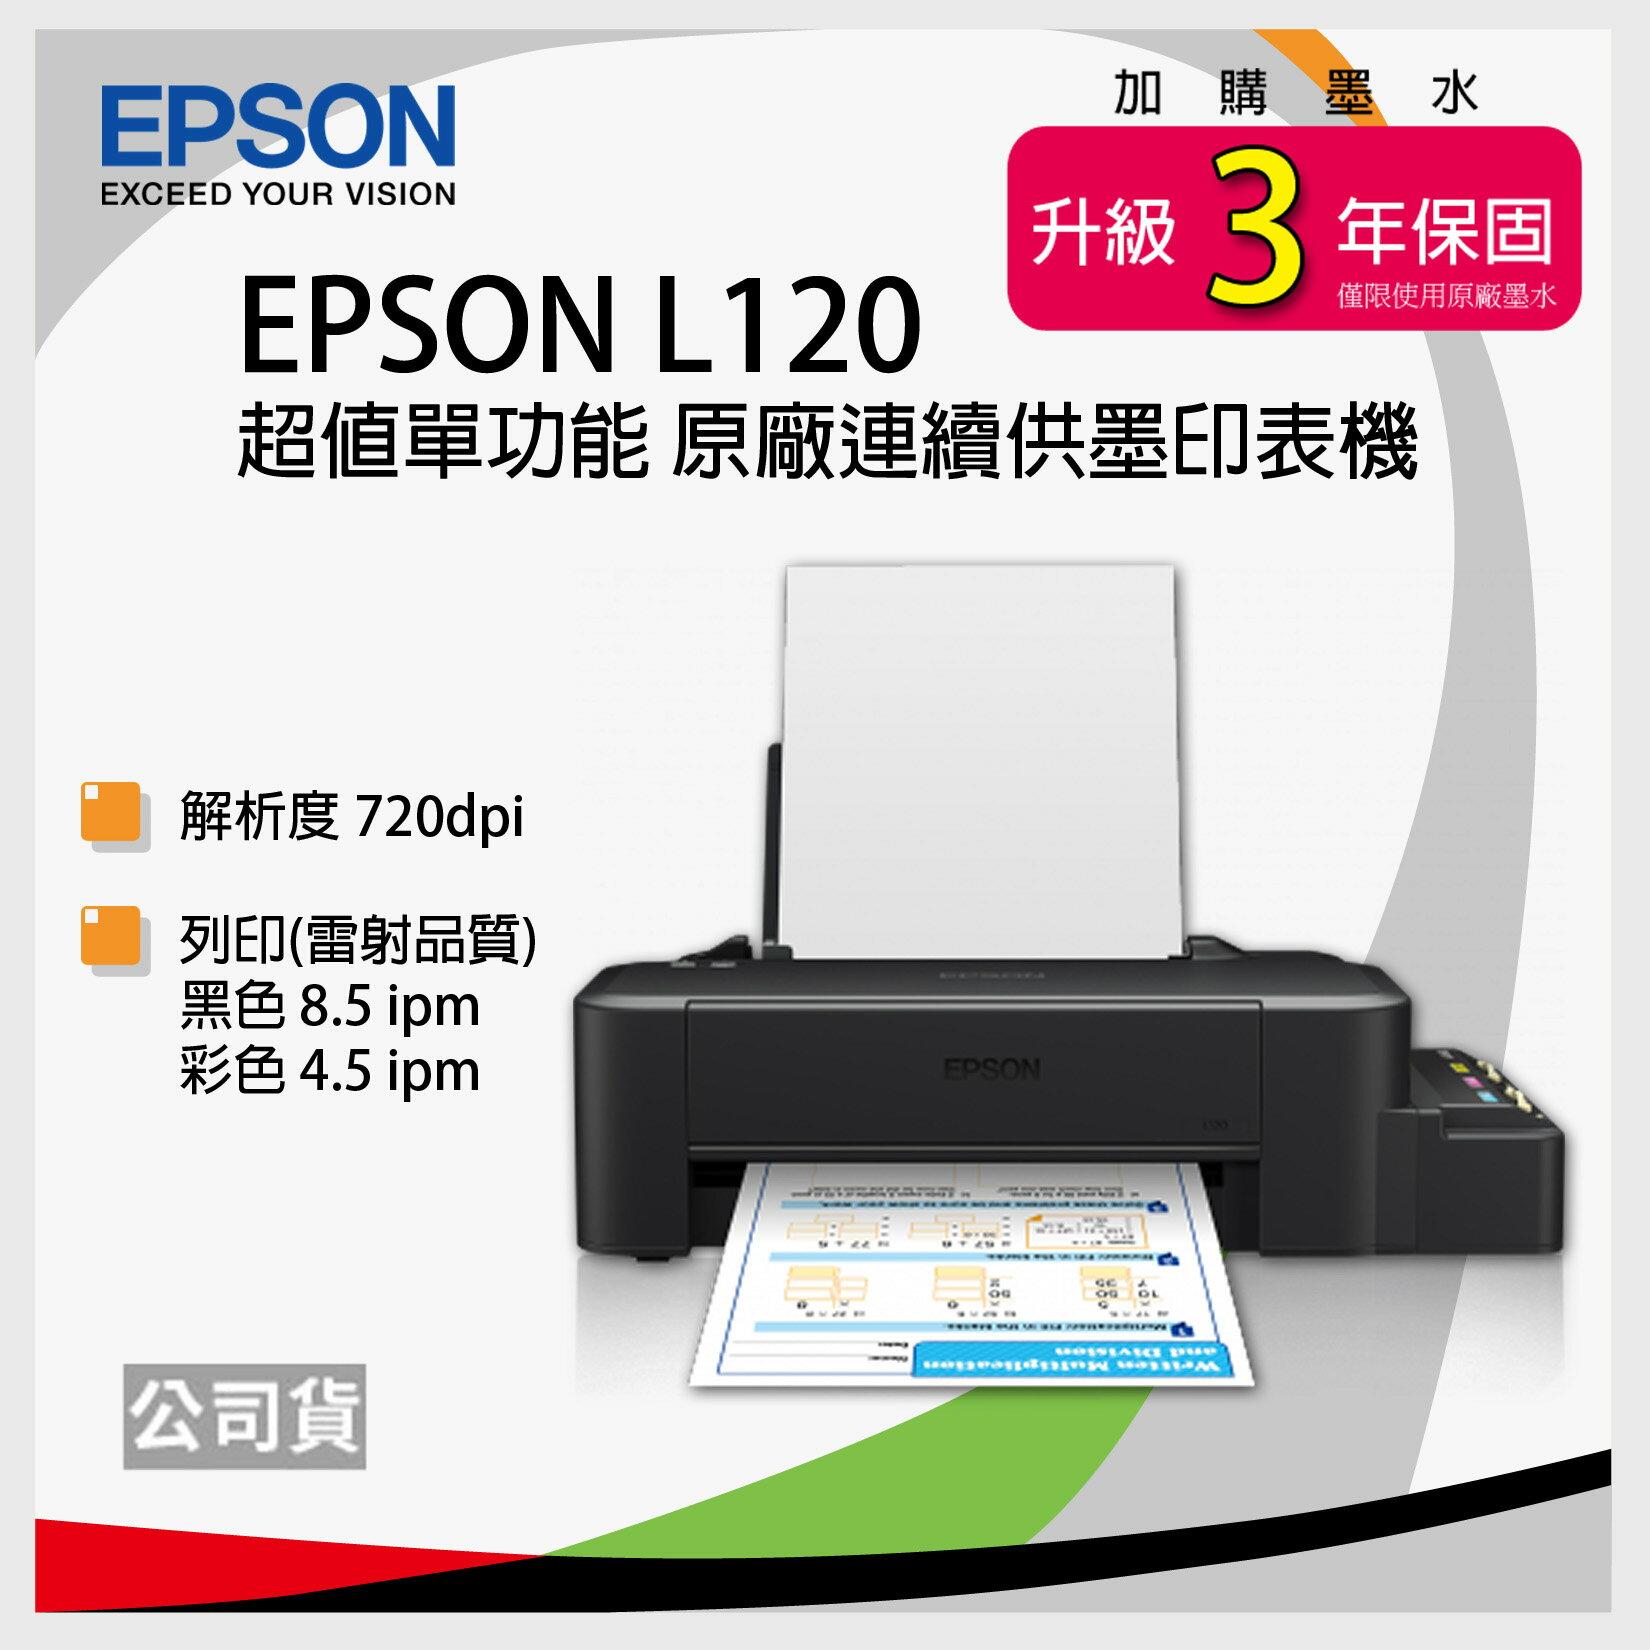 【免運】EPSON L120 單功能超值連續供墨印表機 (原廠保固)